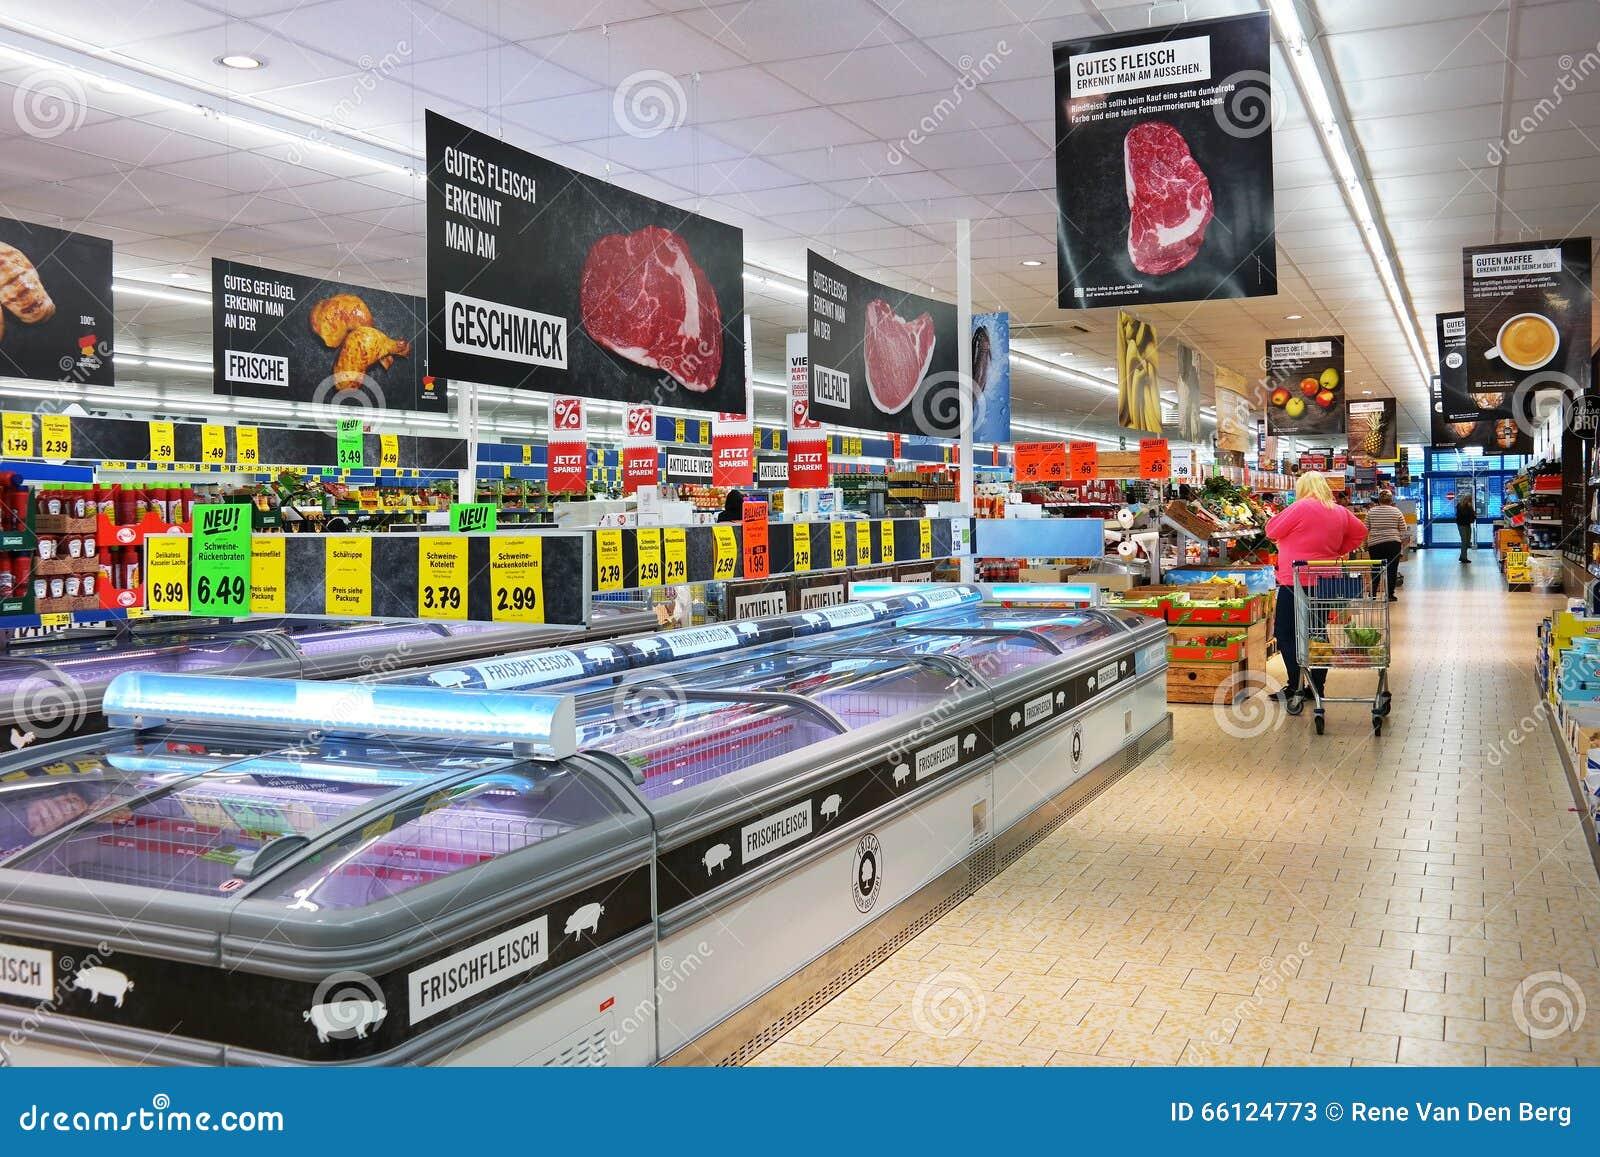 l 39 int rieur d 39 un supermarch de lidl photo stock ditorial image du service c t 66124773. Black Bedroom Furniture Sets. Home Design Ideas